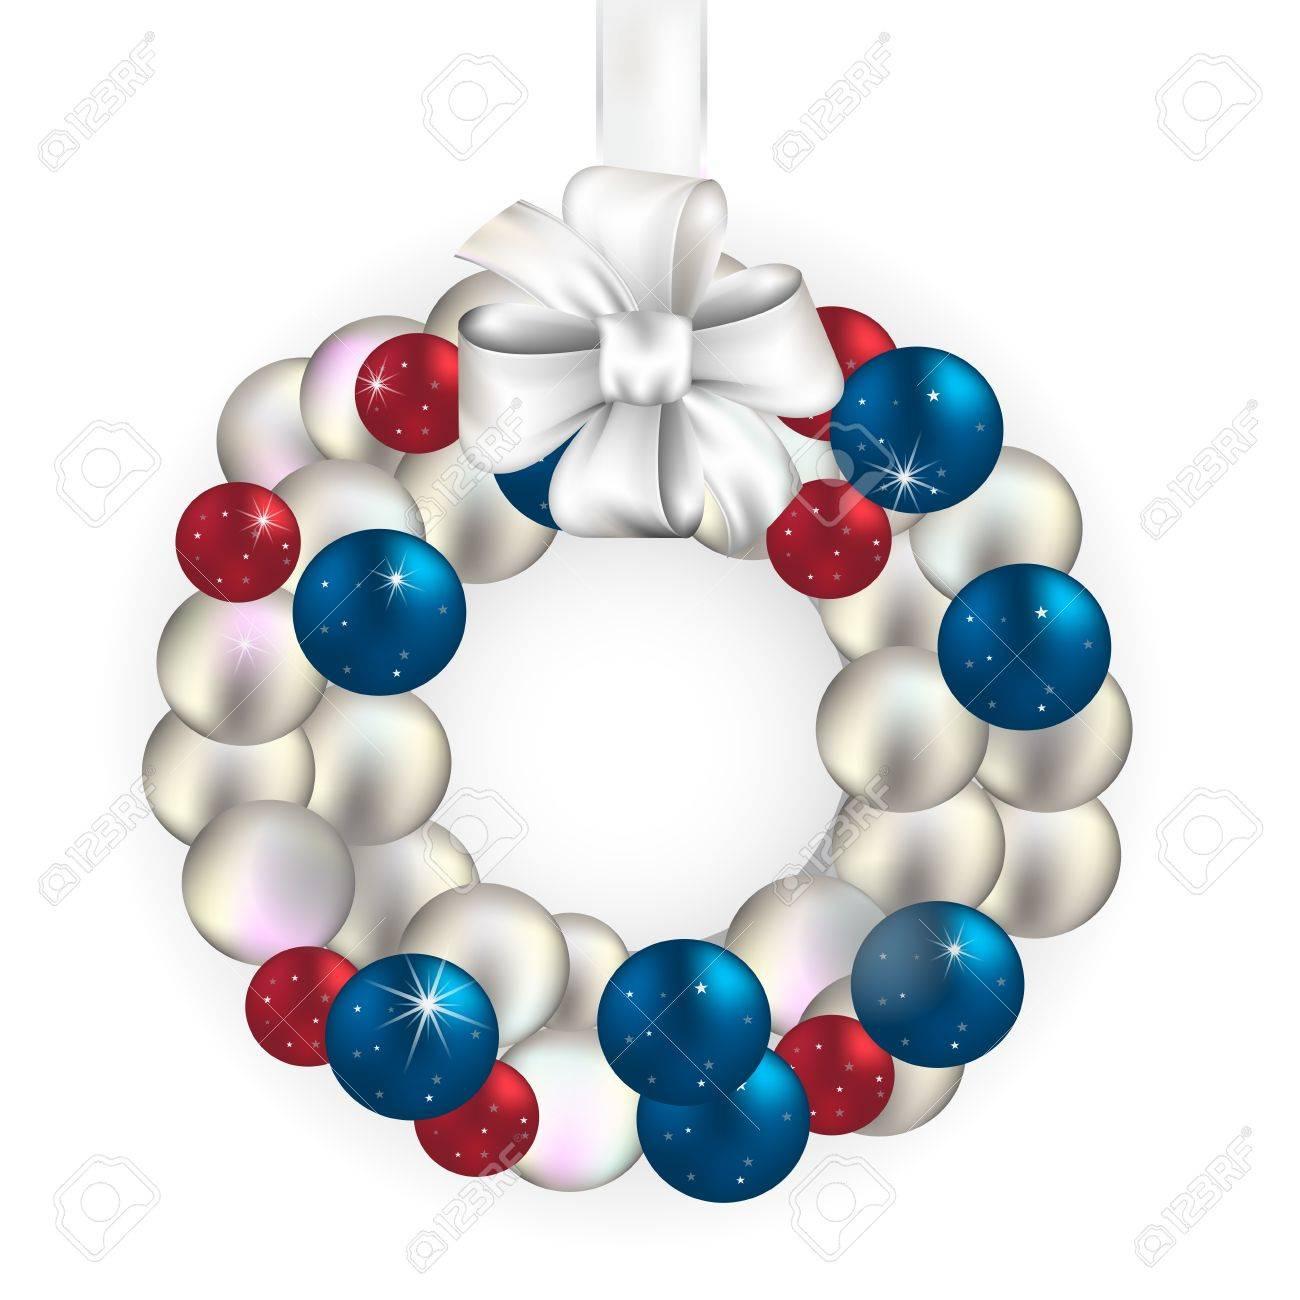 Christmas ball Stock Vector - 11583211